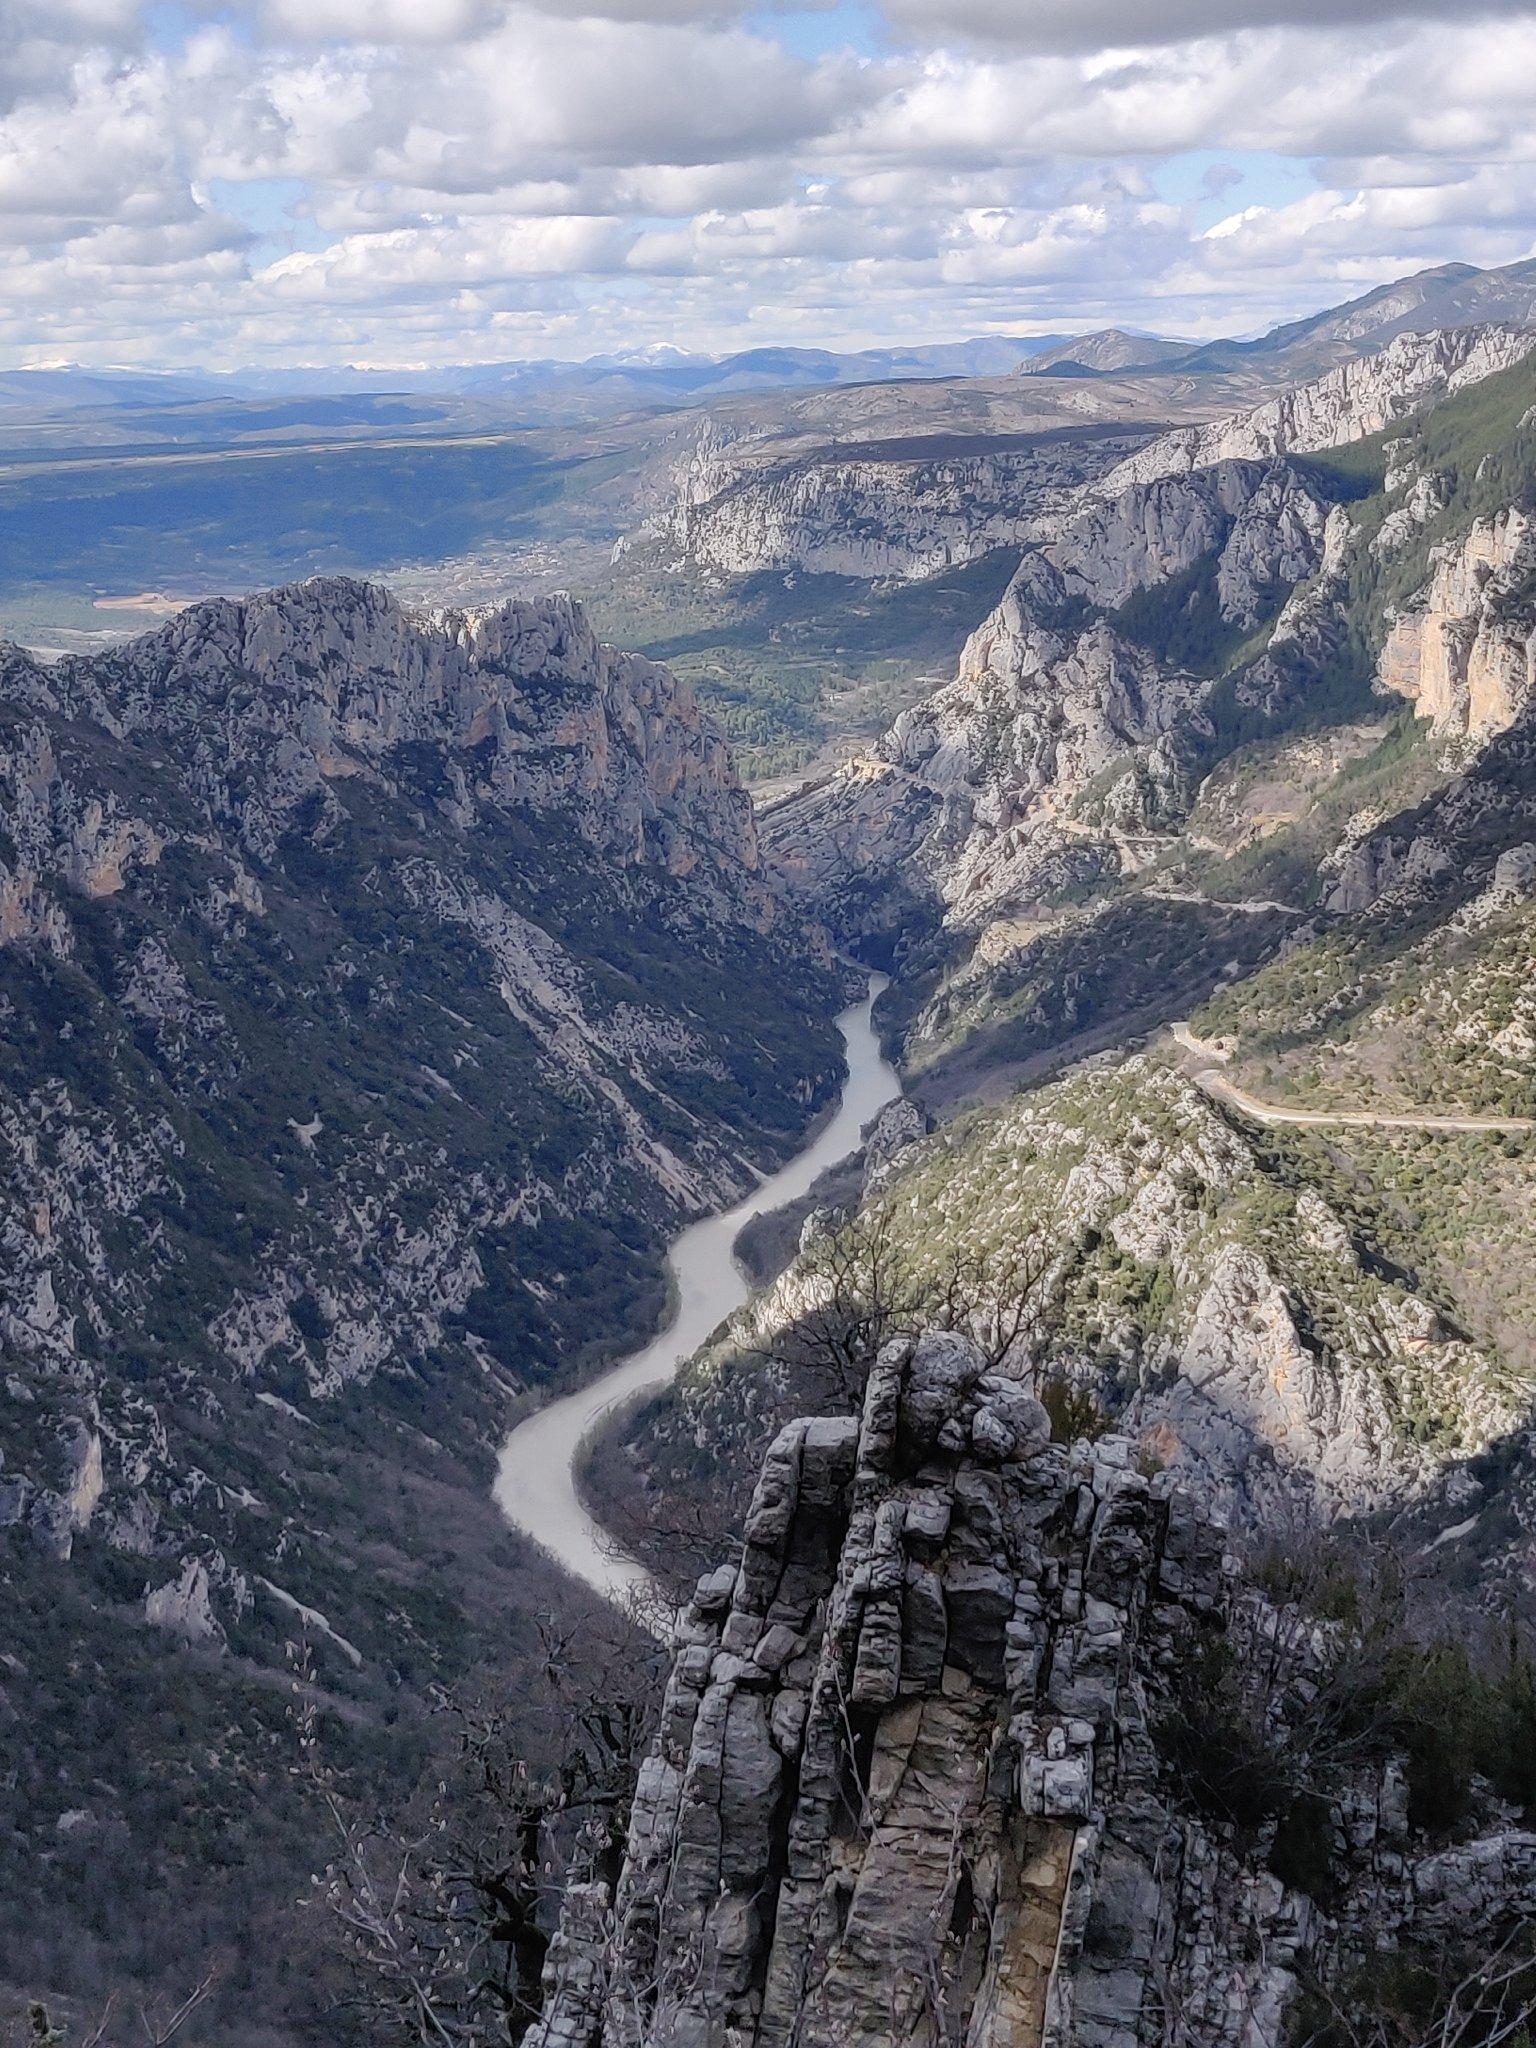 Ausflugs-nah: Europas wilder Canyon